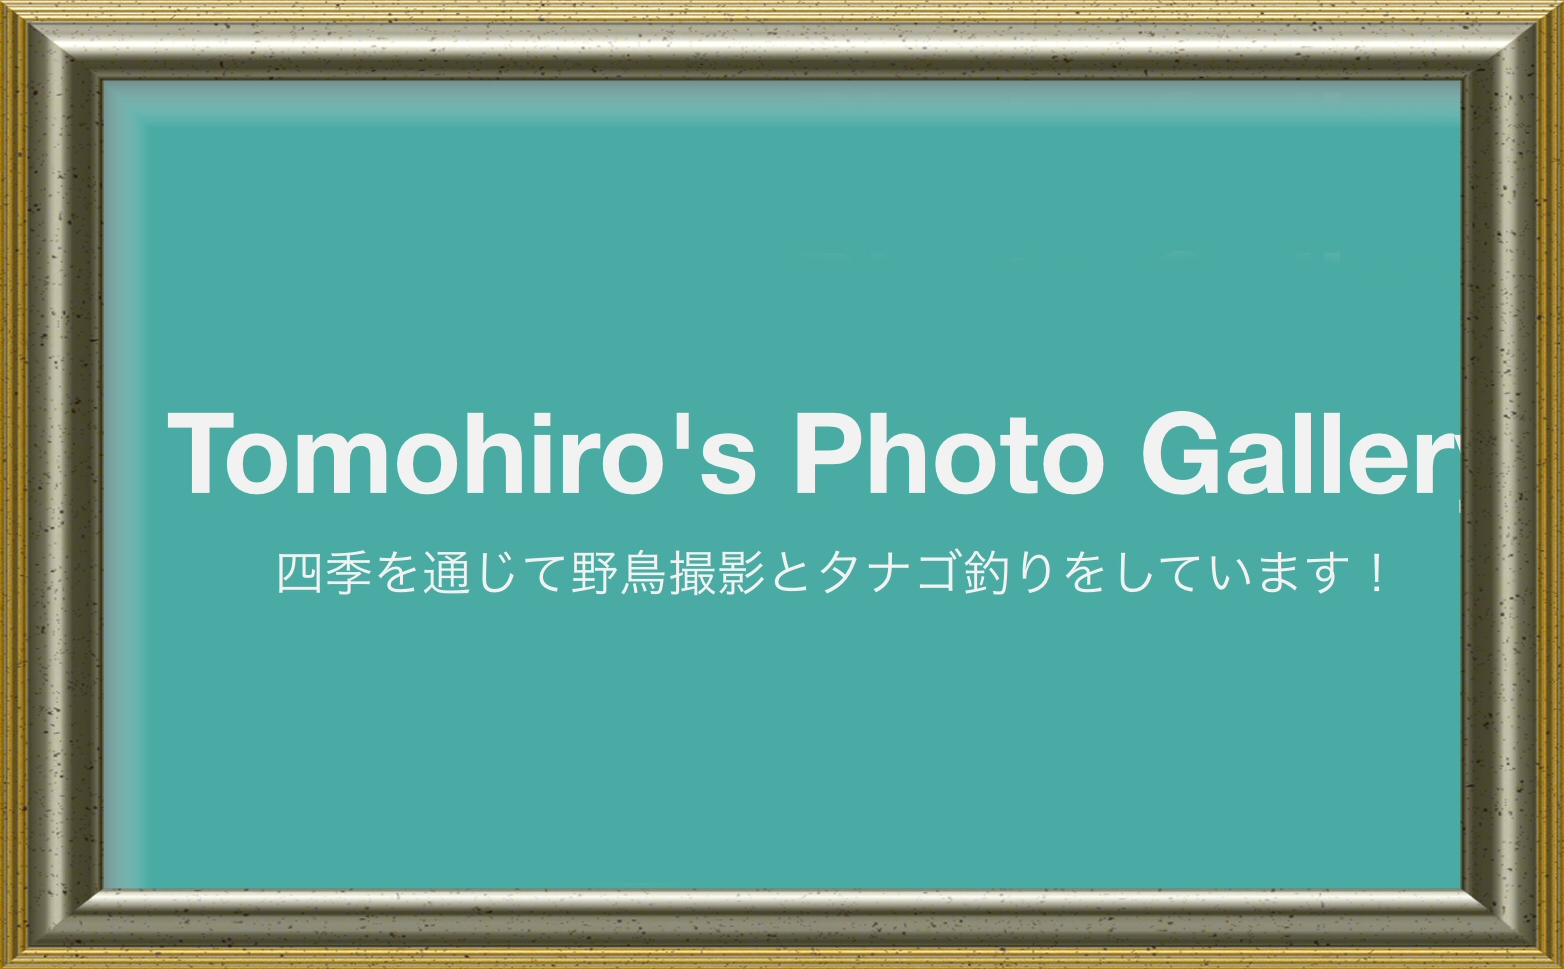 Tomohiro's Photo Gallety